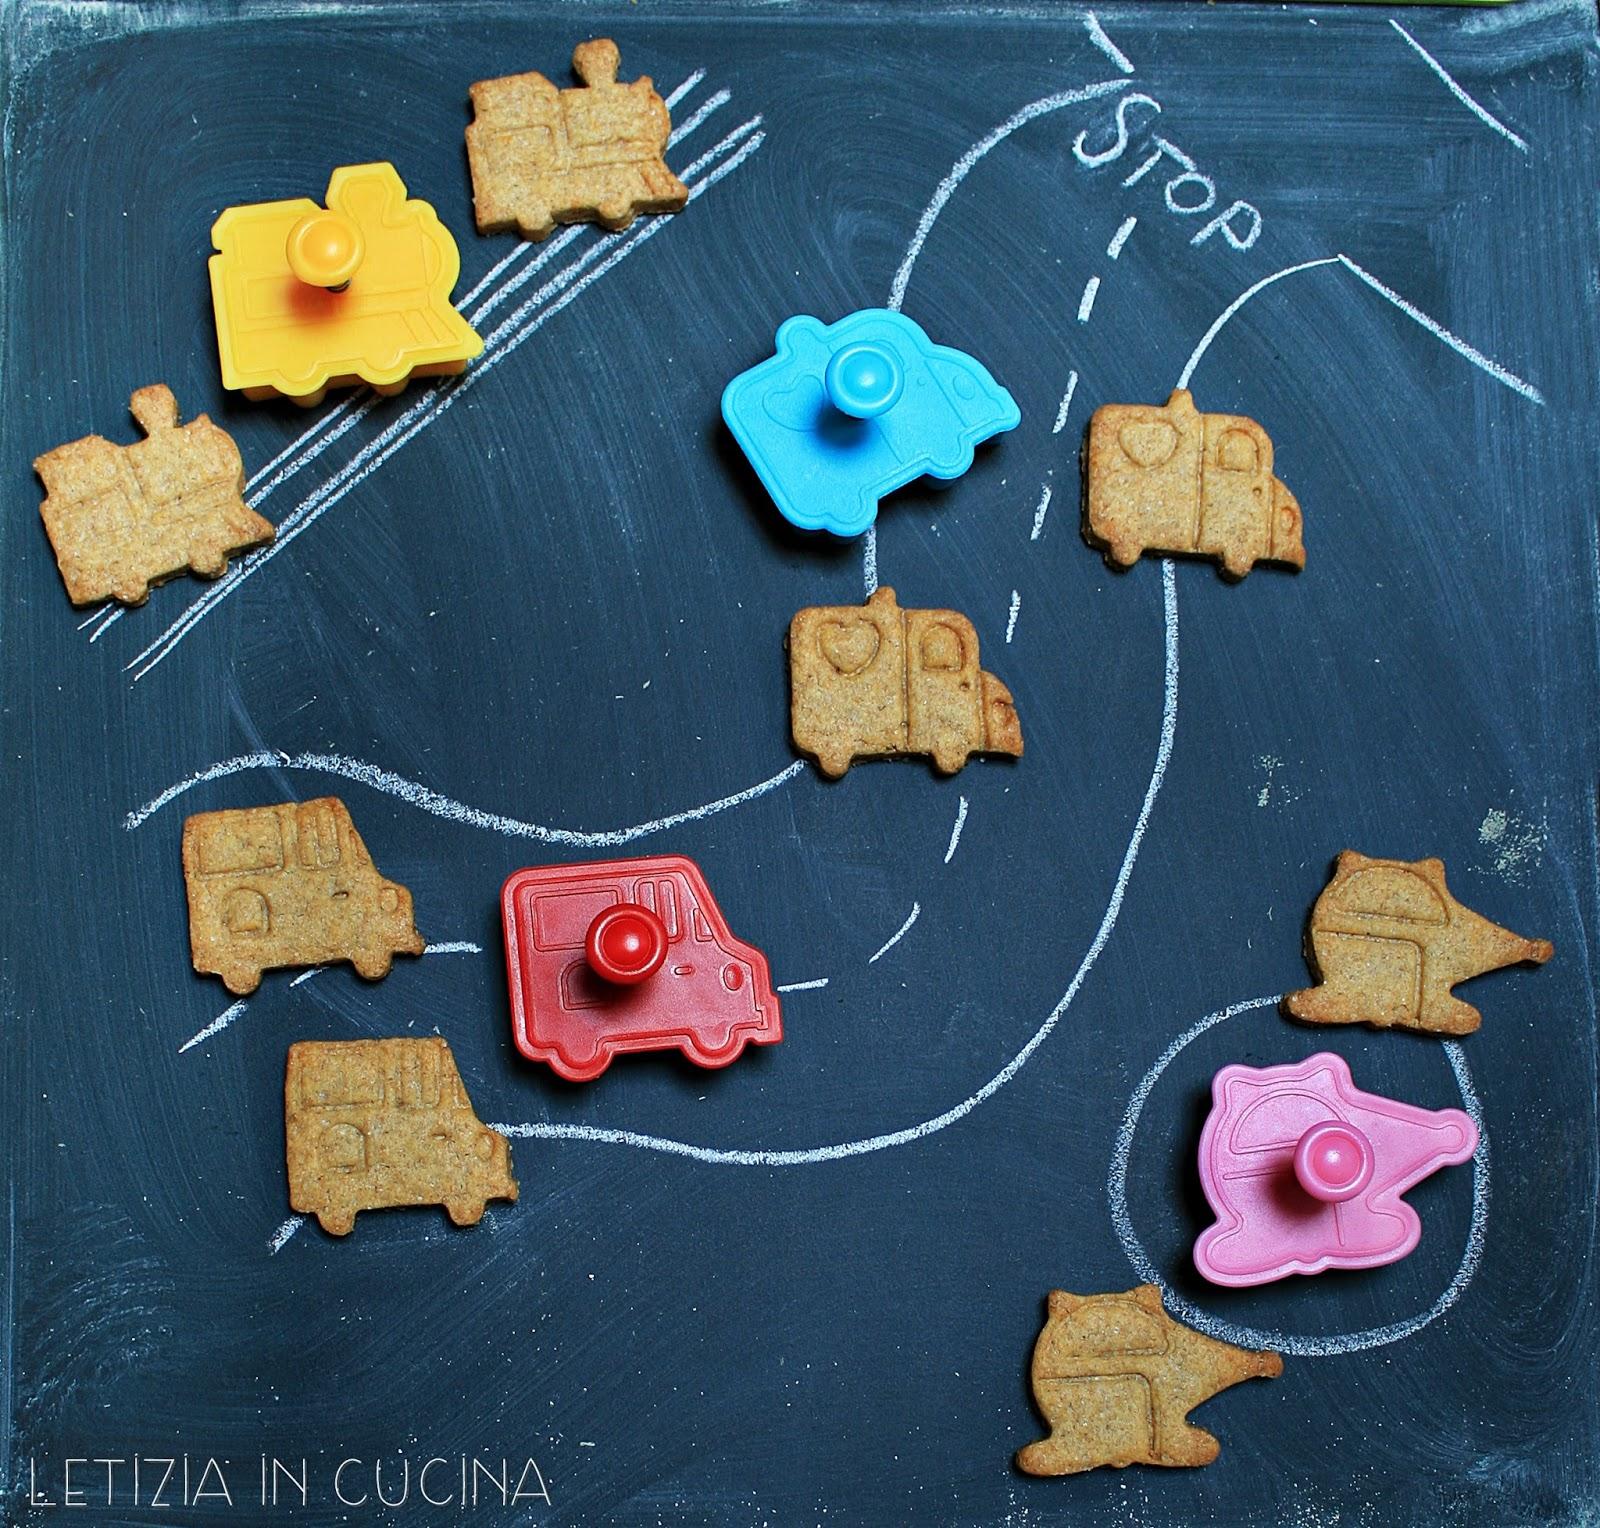 Letizia in Cucina: Biscotti di frolla al farro semintegrale